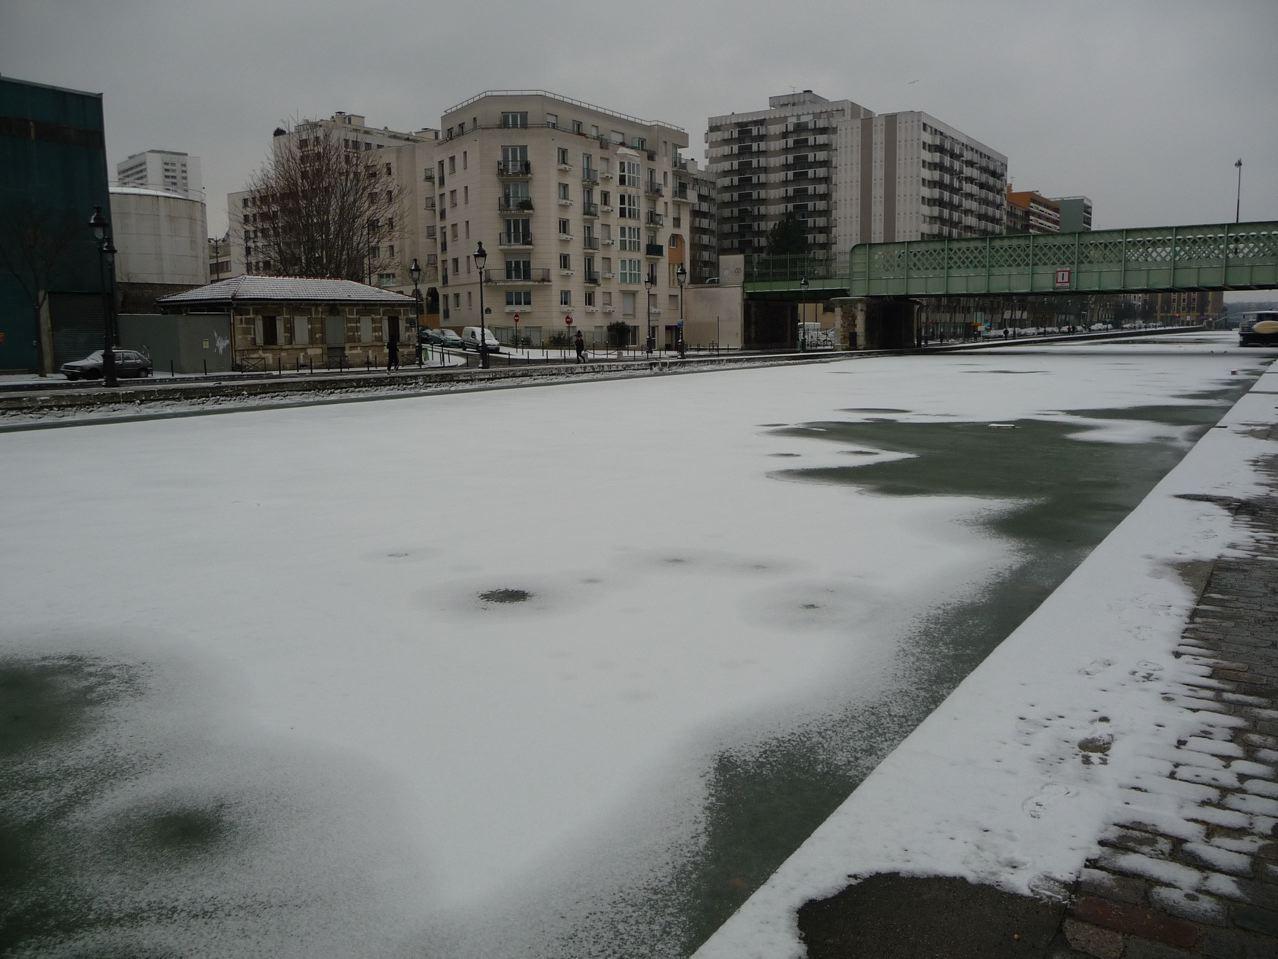 Vague de froid sibérien sur Paris